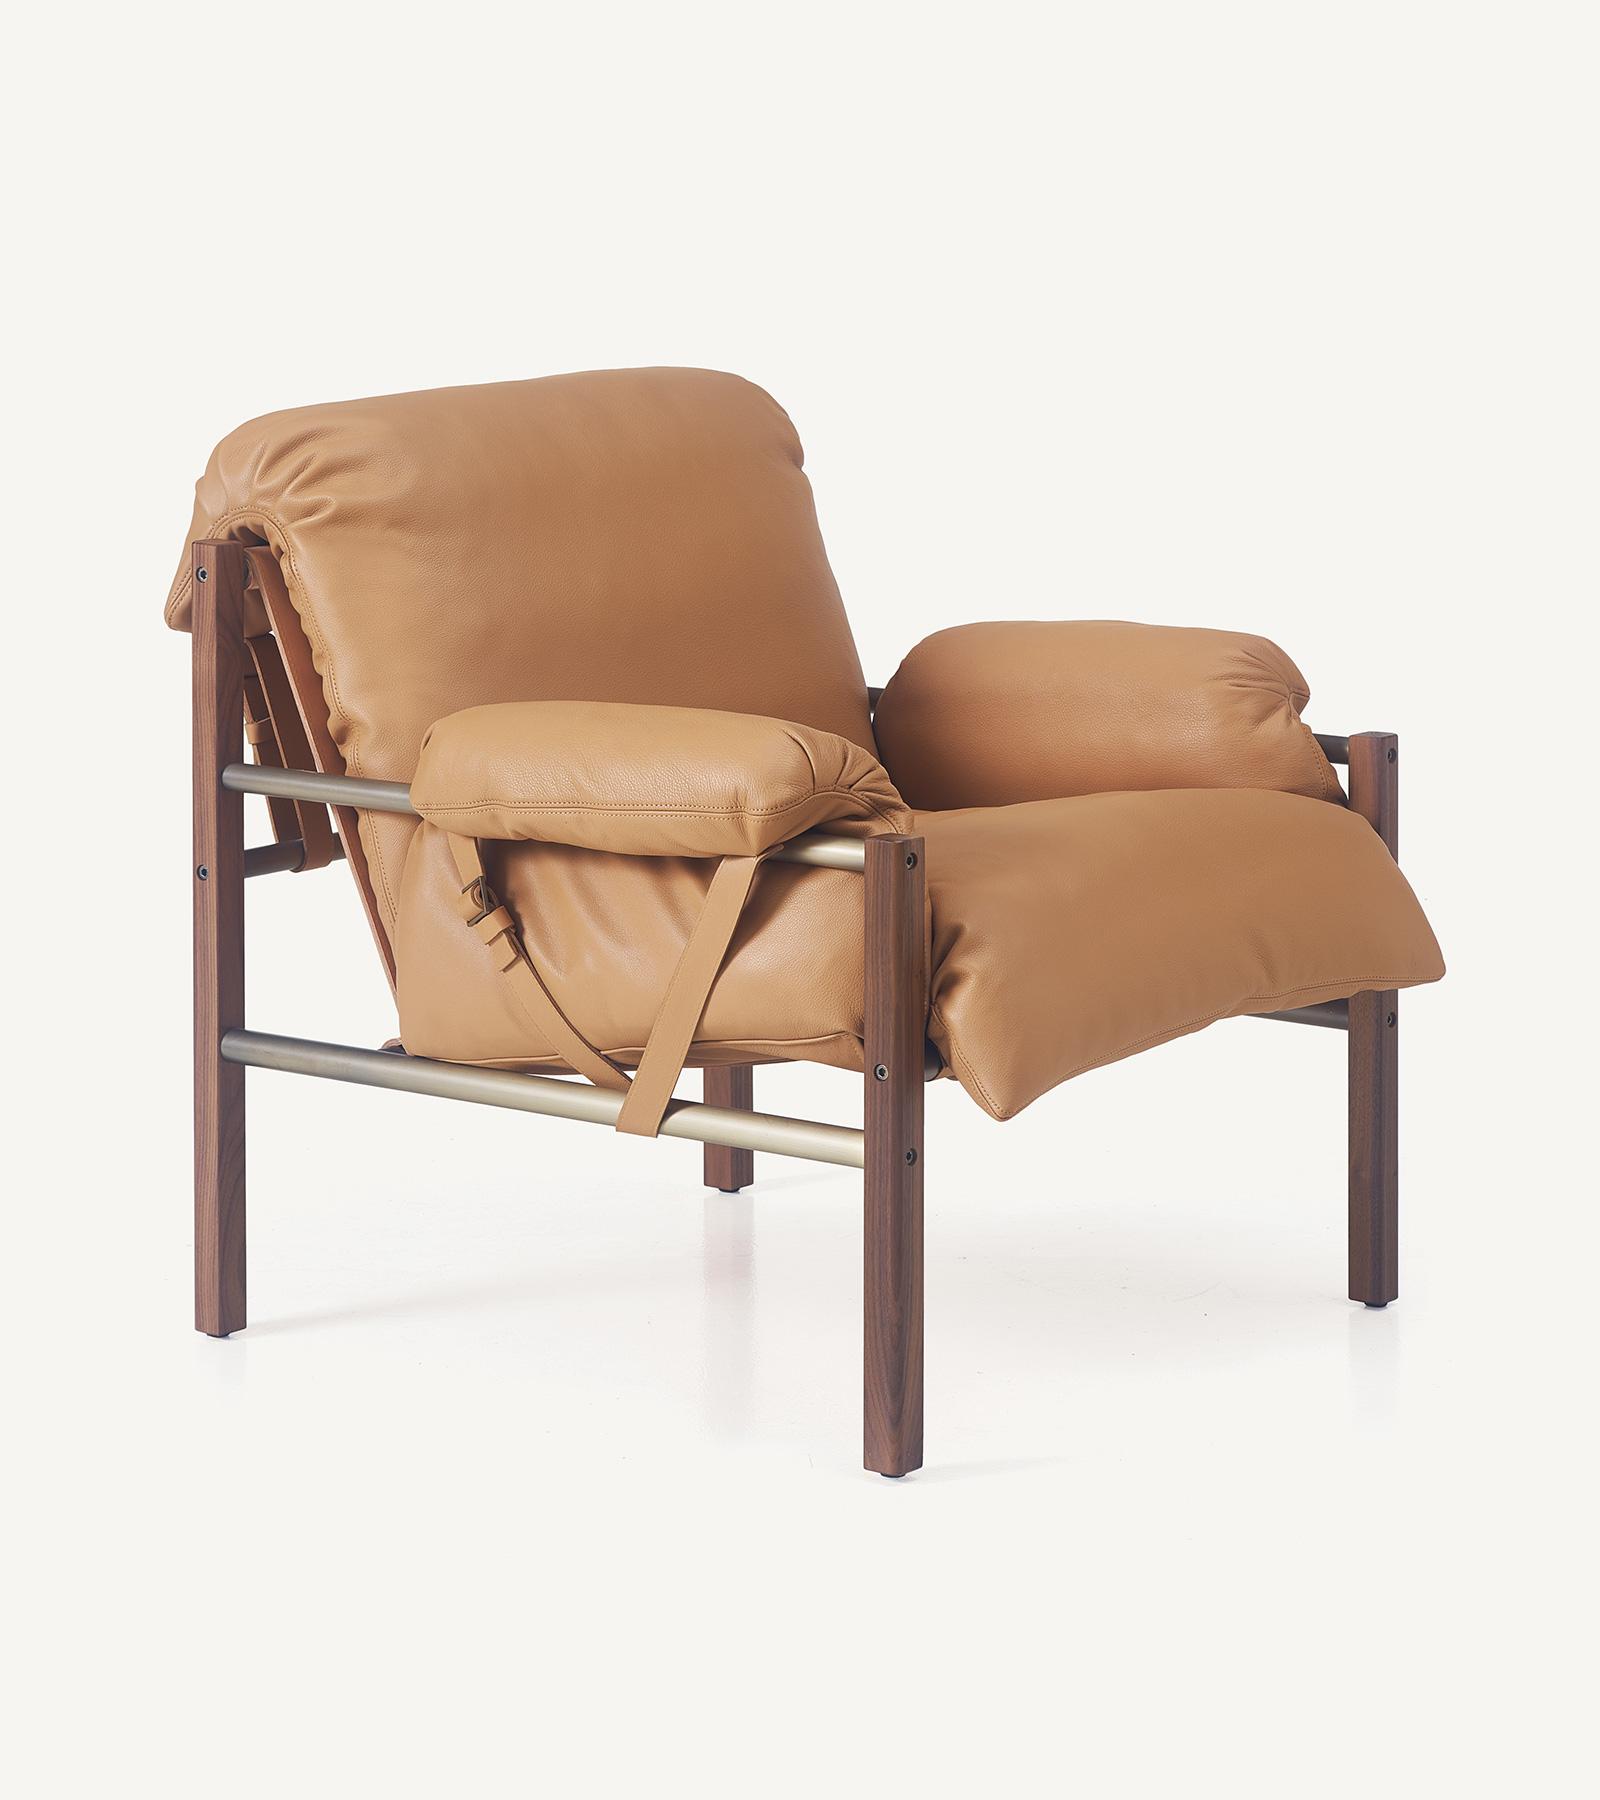 TinnappleMetz-bassamfellows-Sling-Club-Chair-03